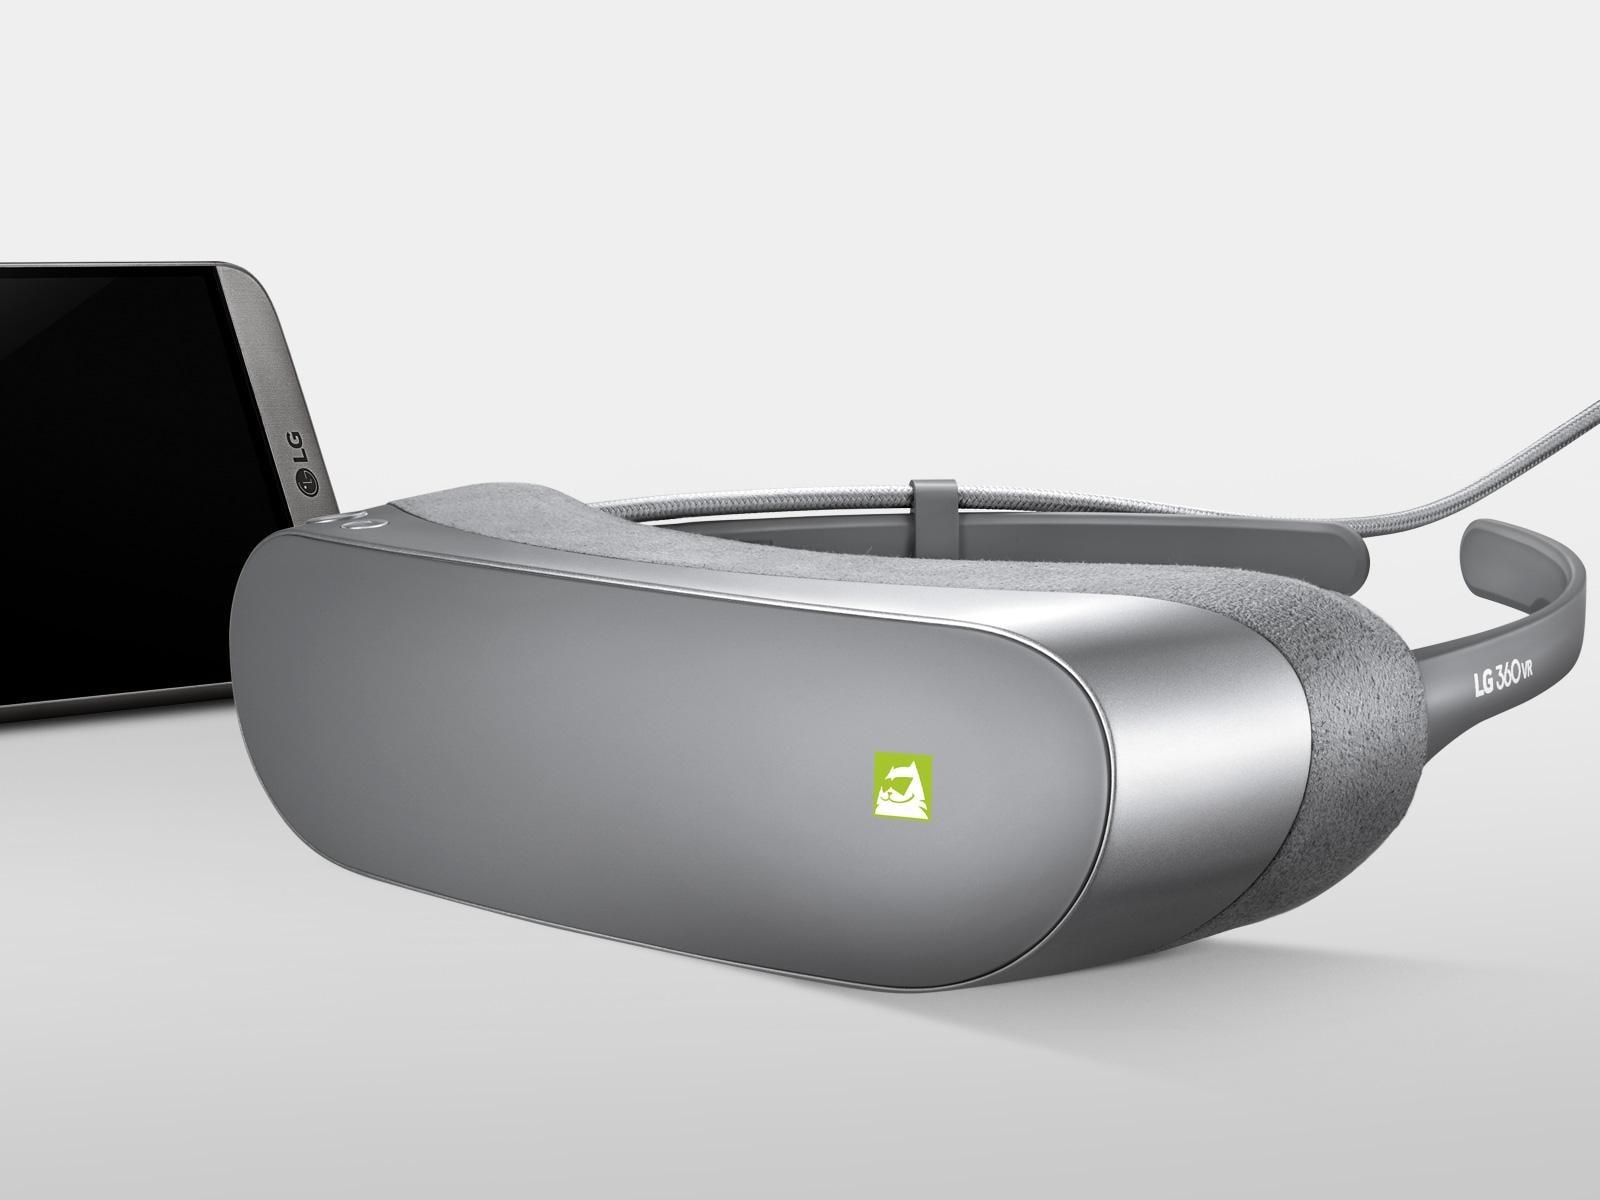 מפוארת LG 360 Virtual Reality (VR) Headset - LG G5 | LG USA AJ-76